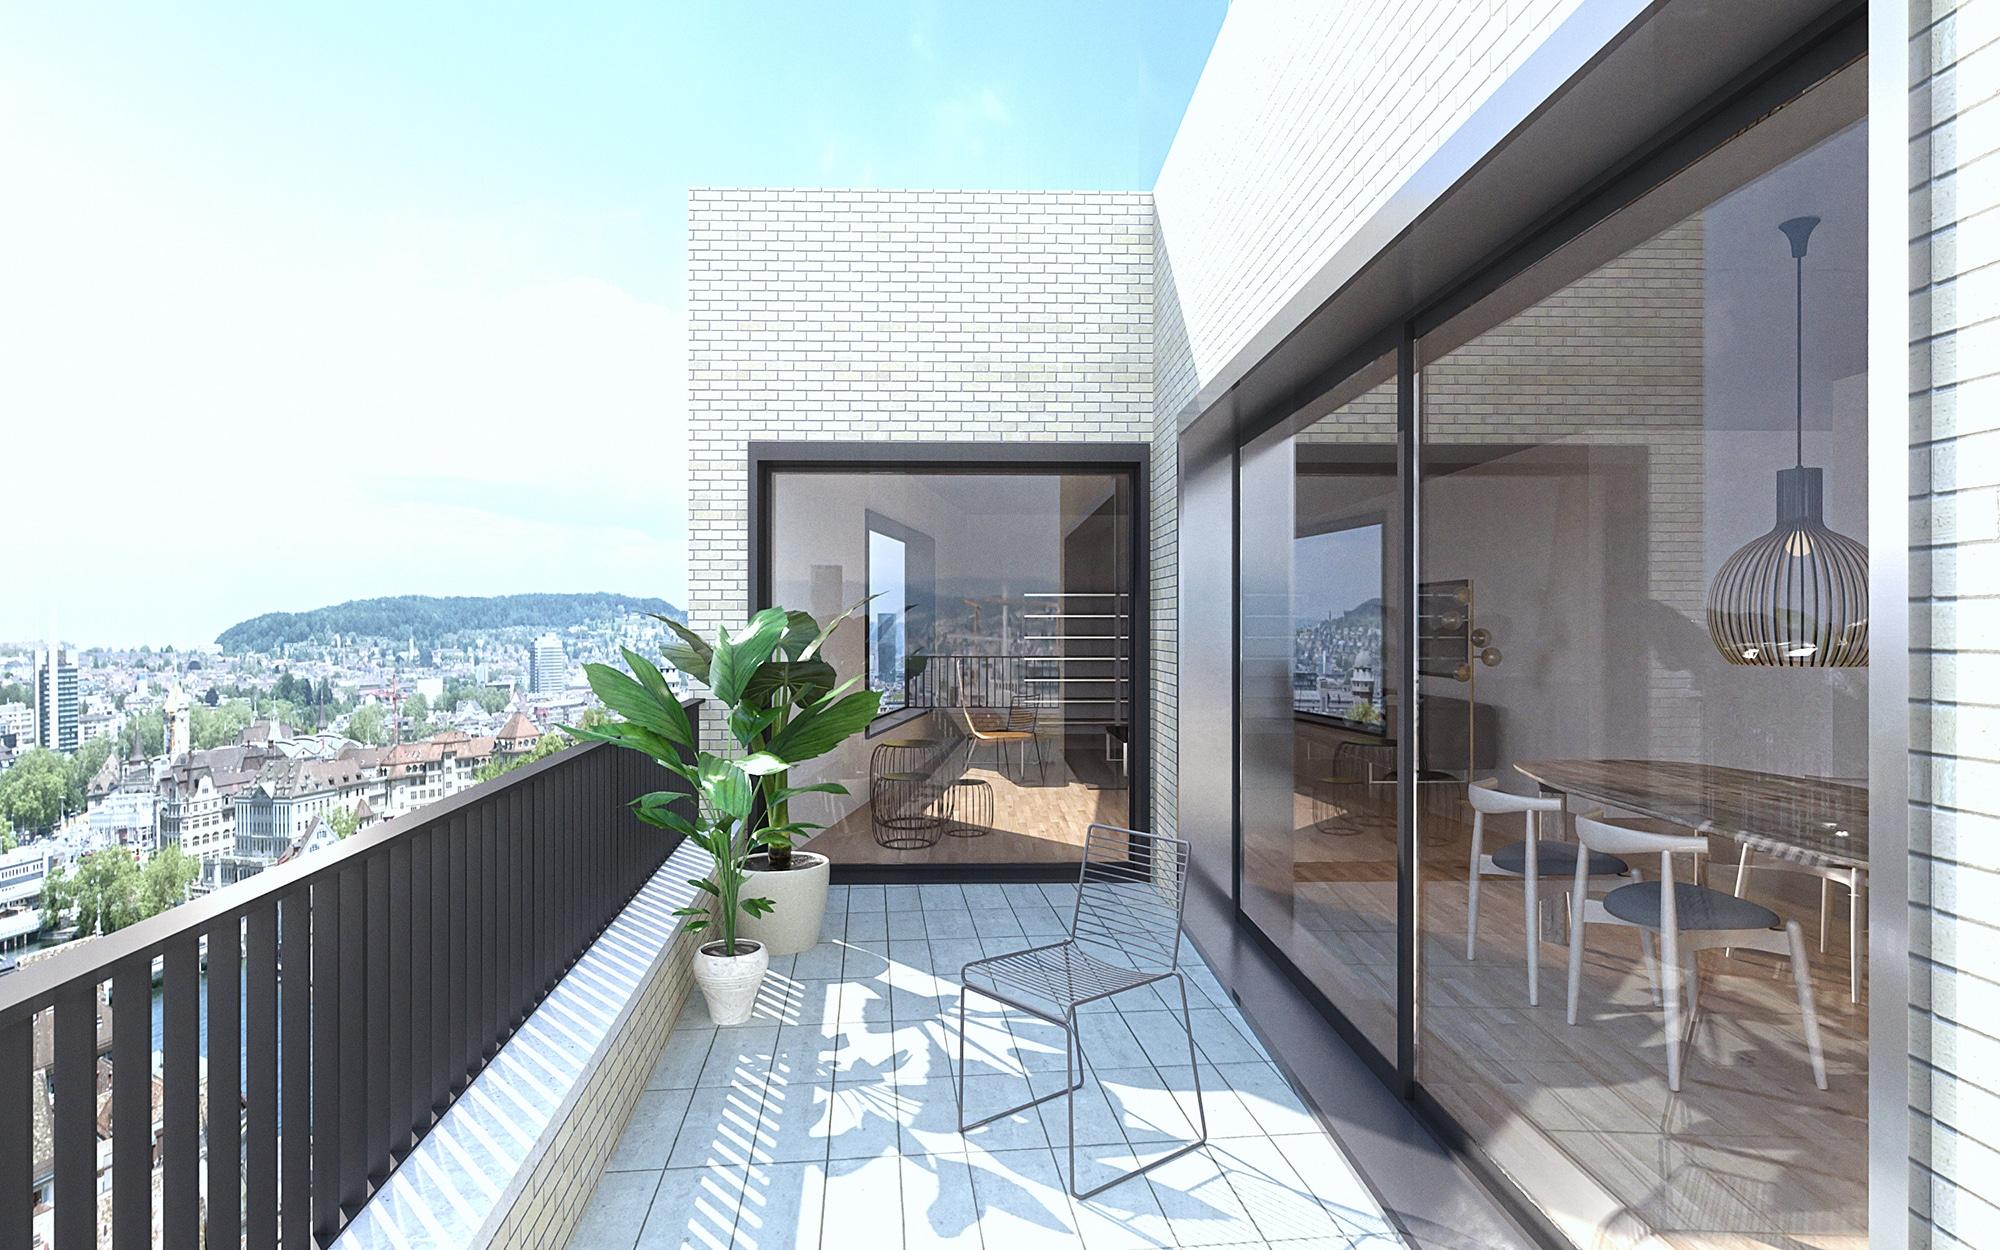 3D image, balcony Zurich Switzerland